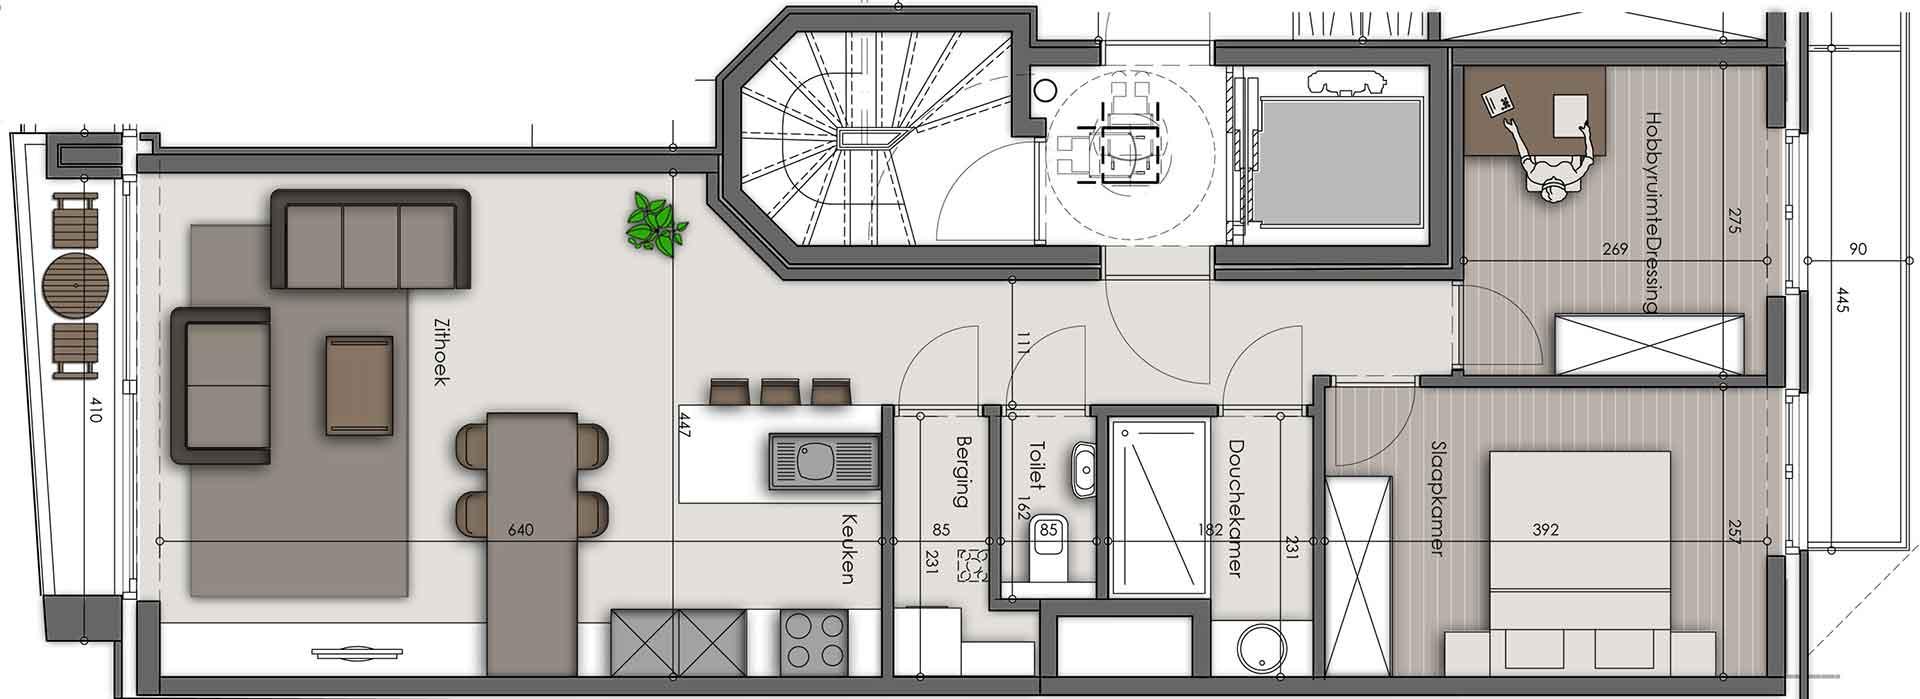 Residentie <br/> Zilverzand - image appartement-te-koop-koksijde-zilverzand-02.02-03.02-04.02-05.02-06.02 on https://hoprom.be